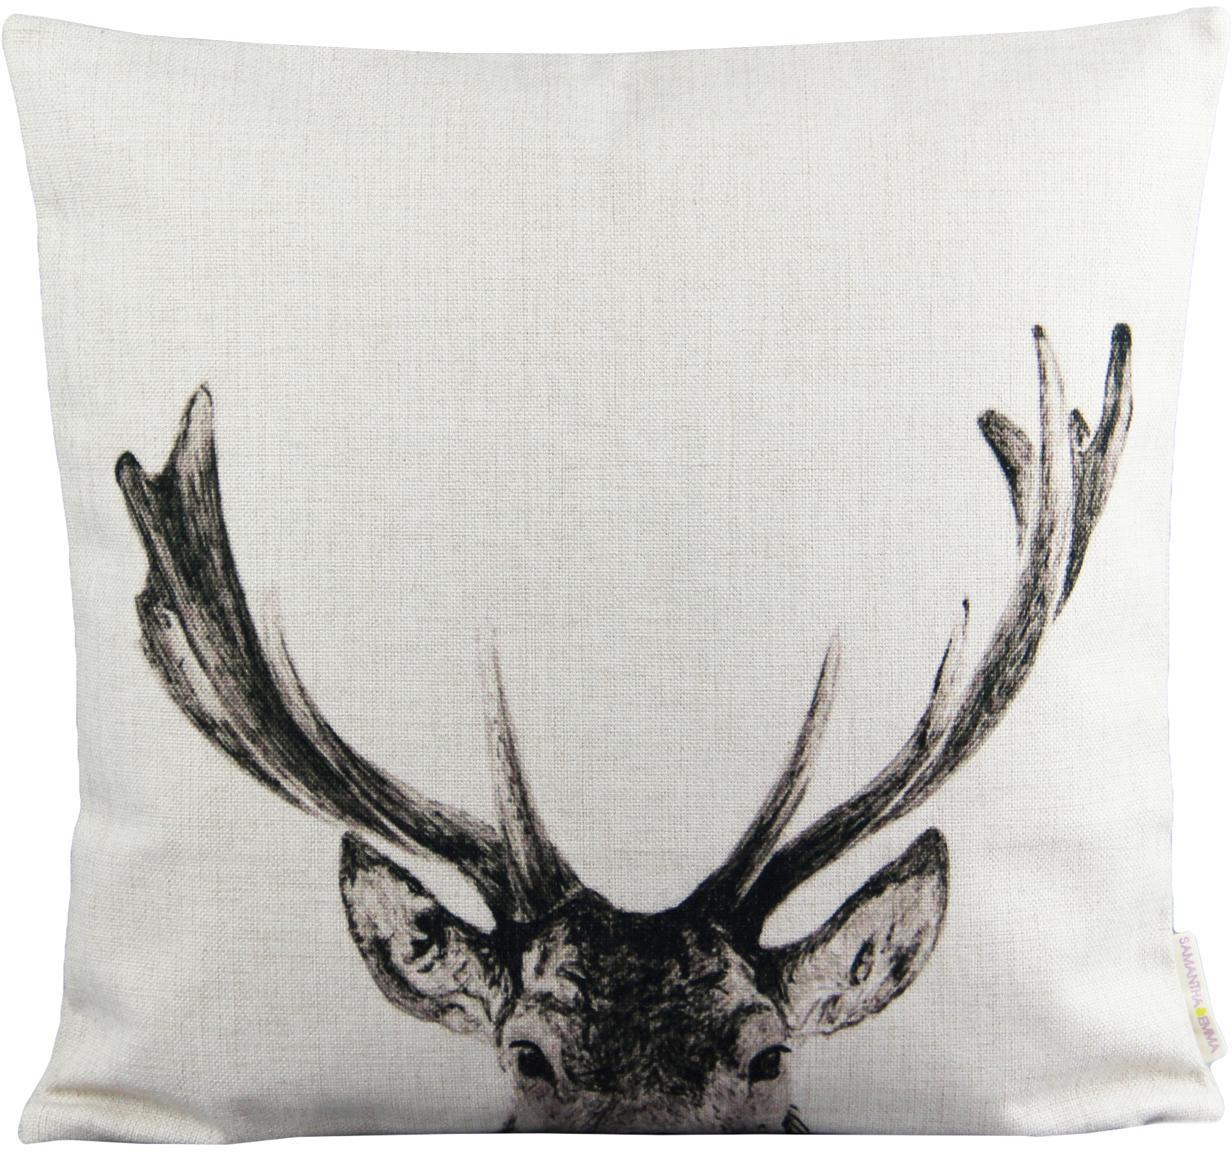 Linnen kussenhoes Reindeer, Linnen, Gebroken wit, zwart, 45 x 45 cm